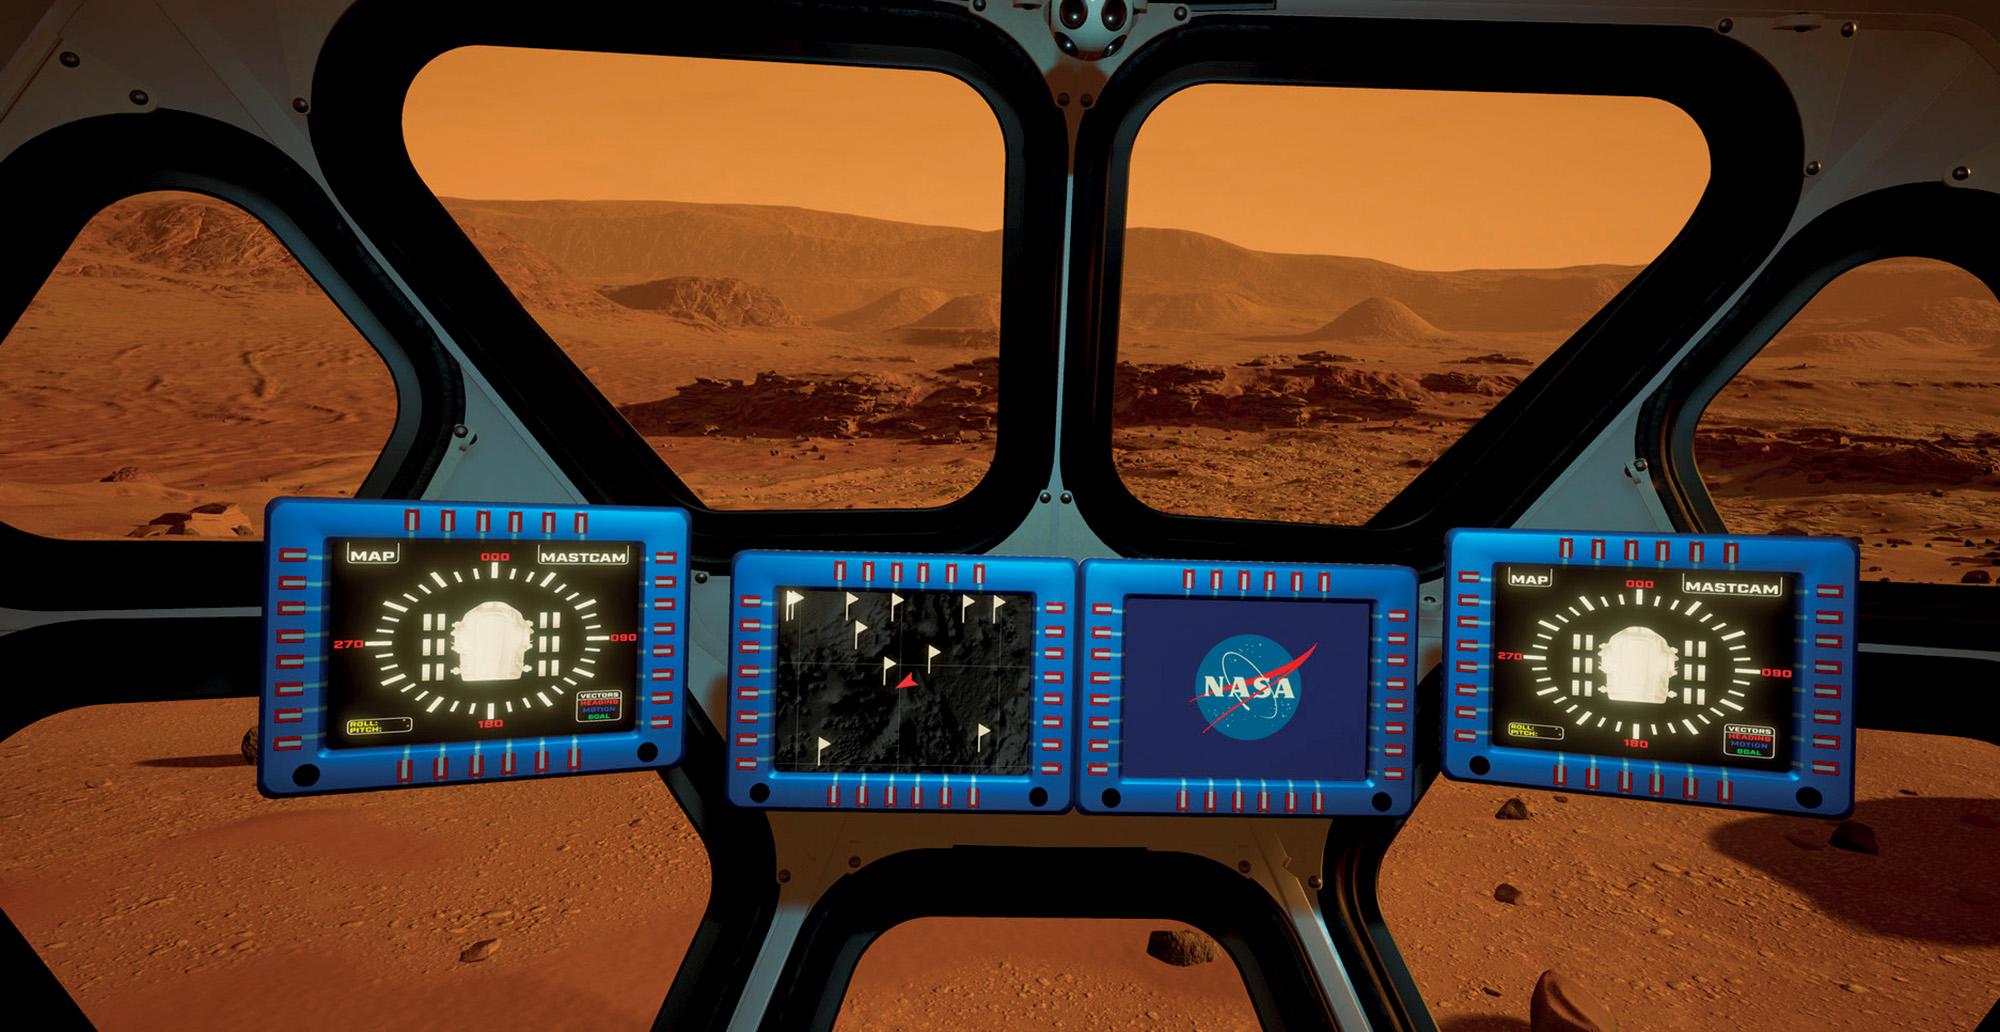 du lịch không gian NASA